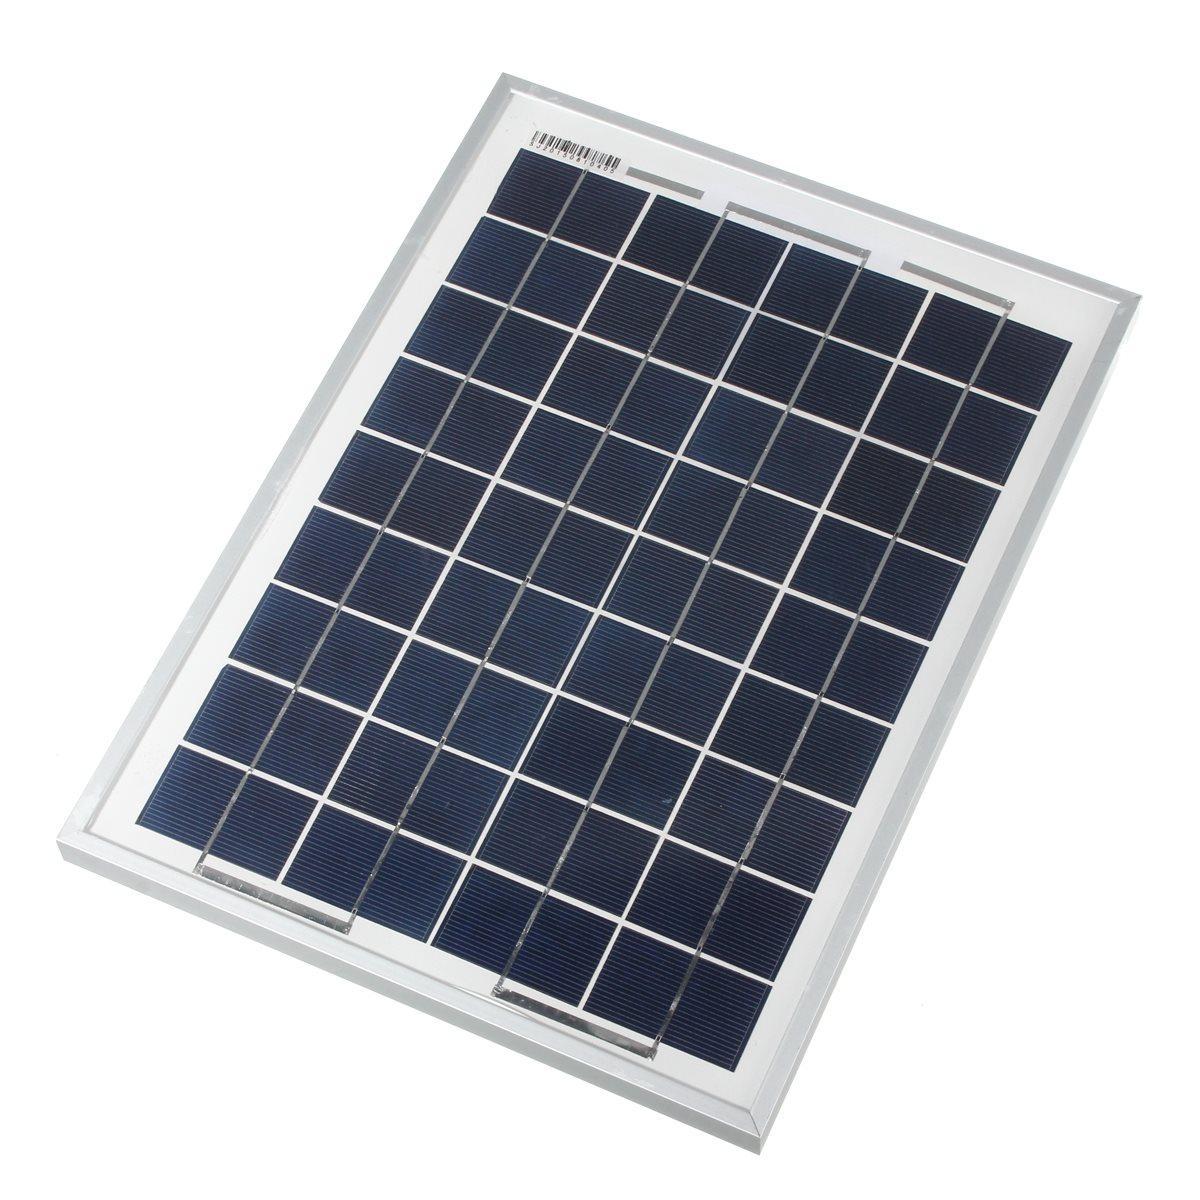 Hình ảnh Pin năng lượng mặt trời loại Poly 10W